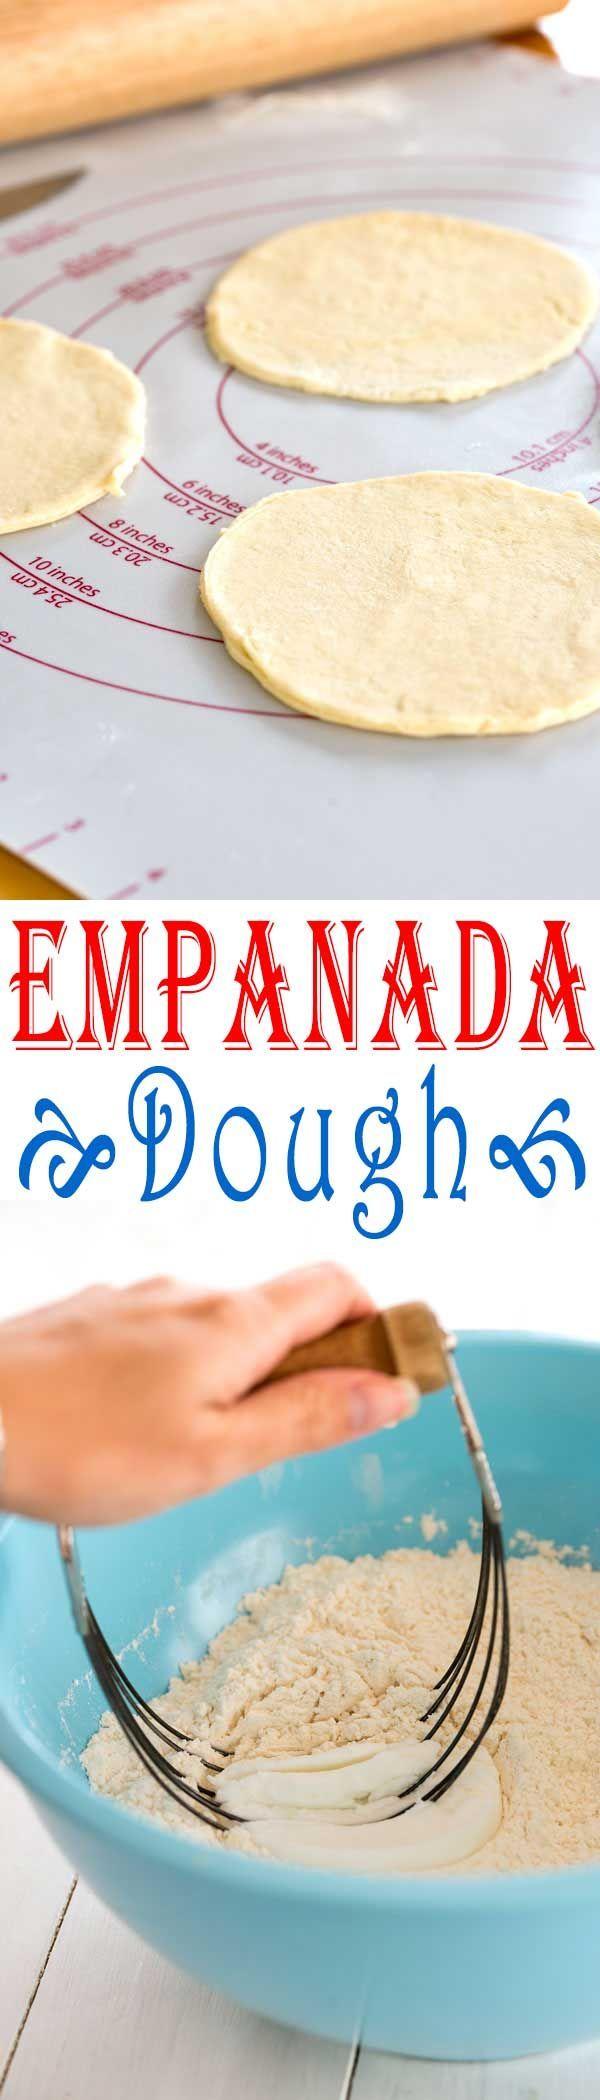 Make empanadas at home from scratch with this easy empanada dough recipe!